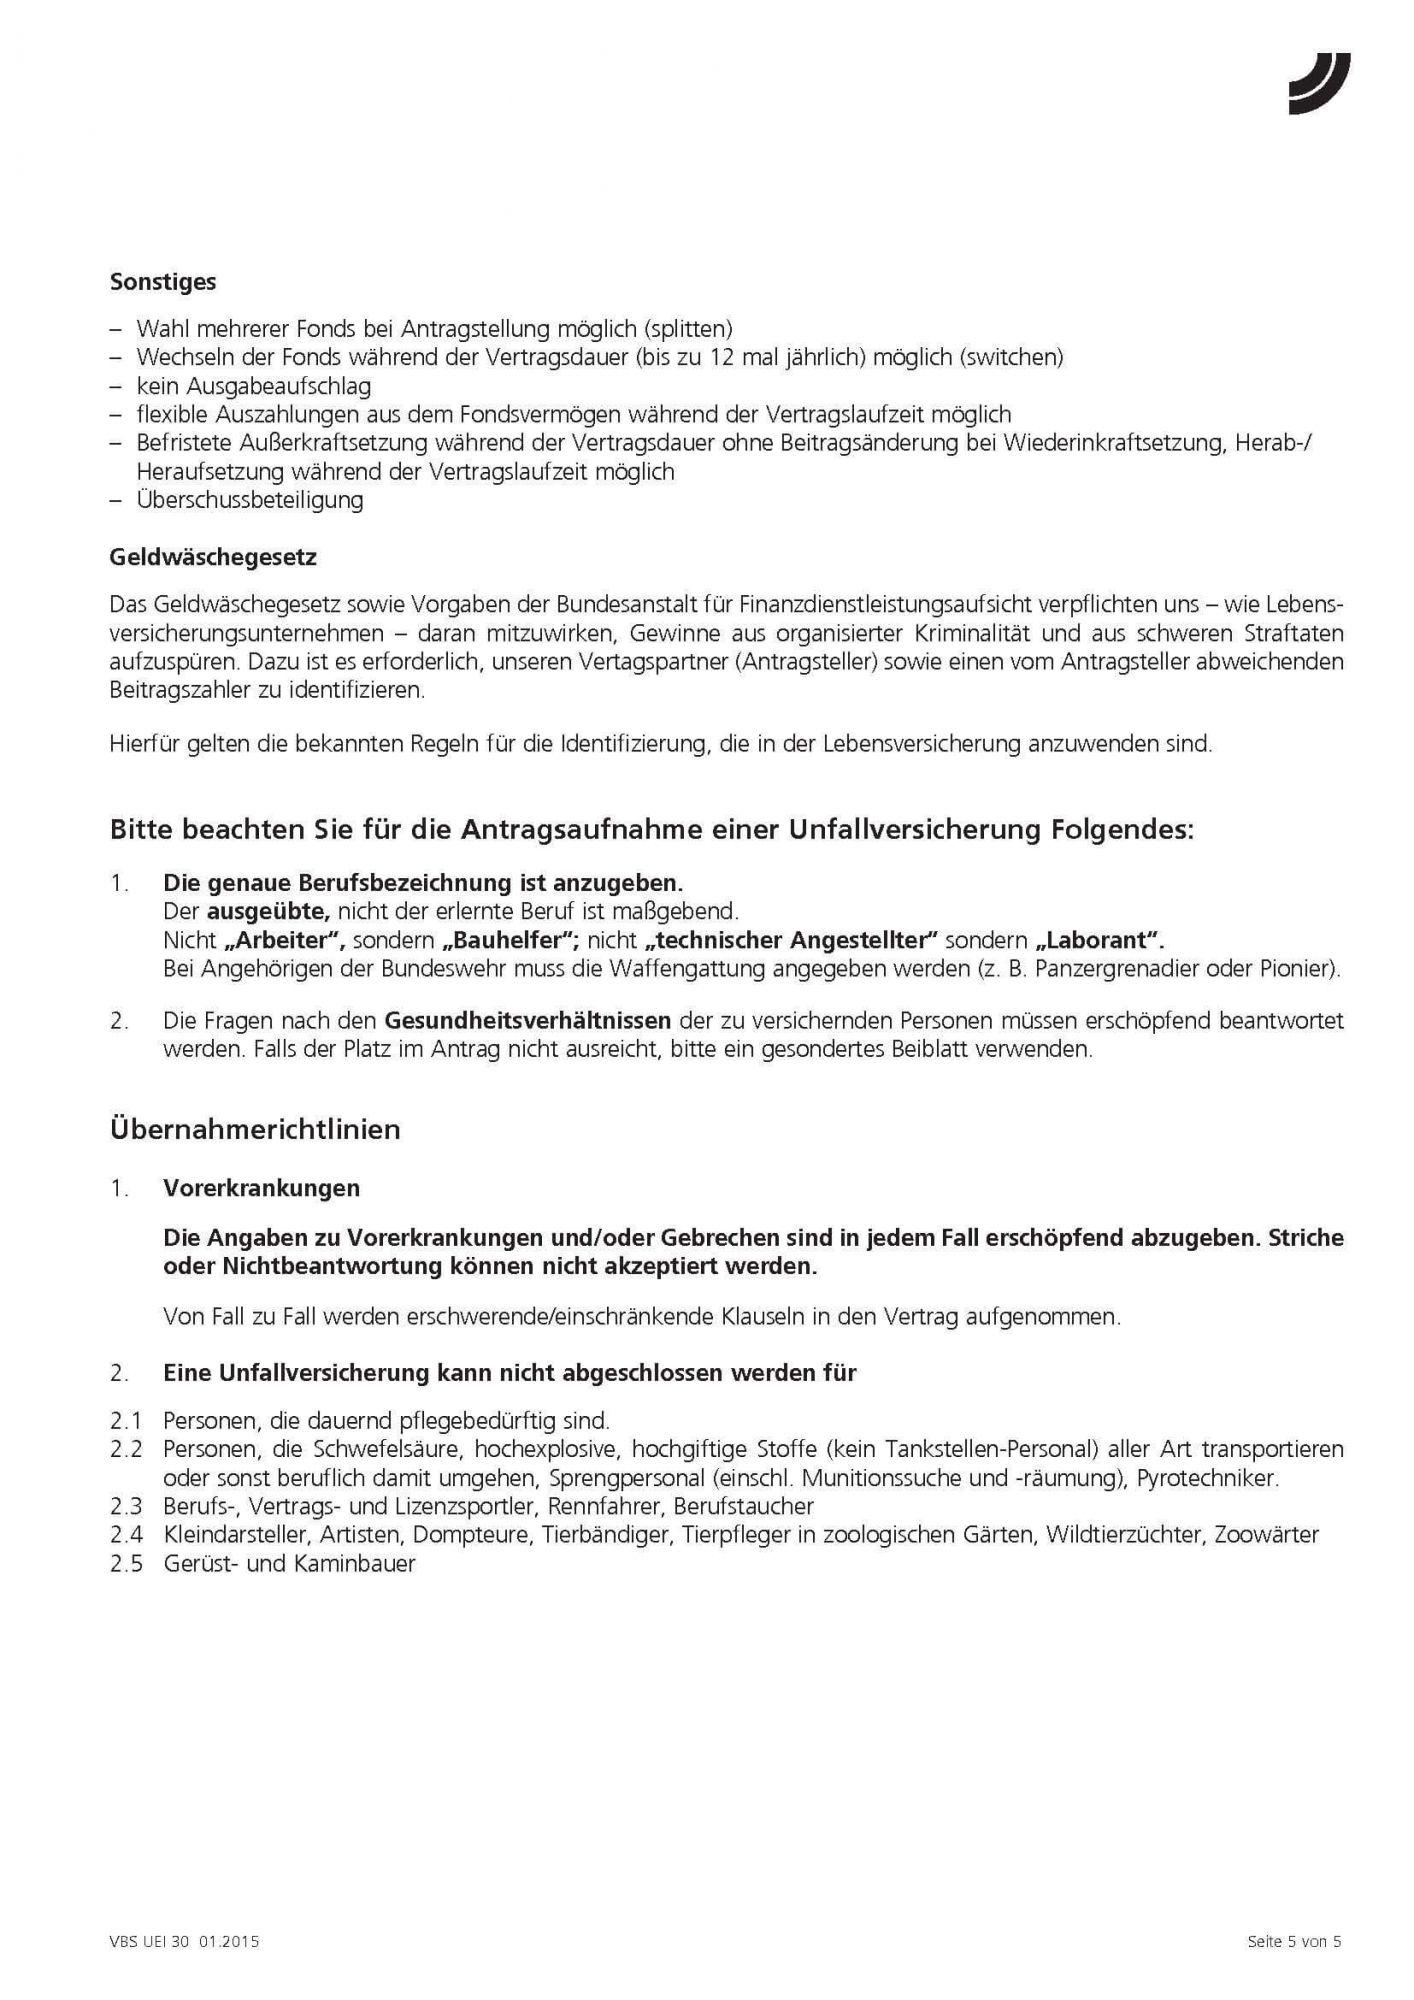 Unfall Easy, Volkswohl Bund, Versicherungssummen